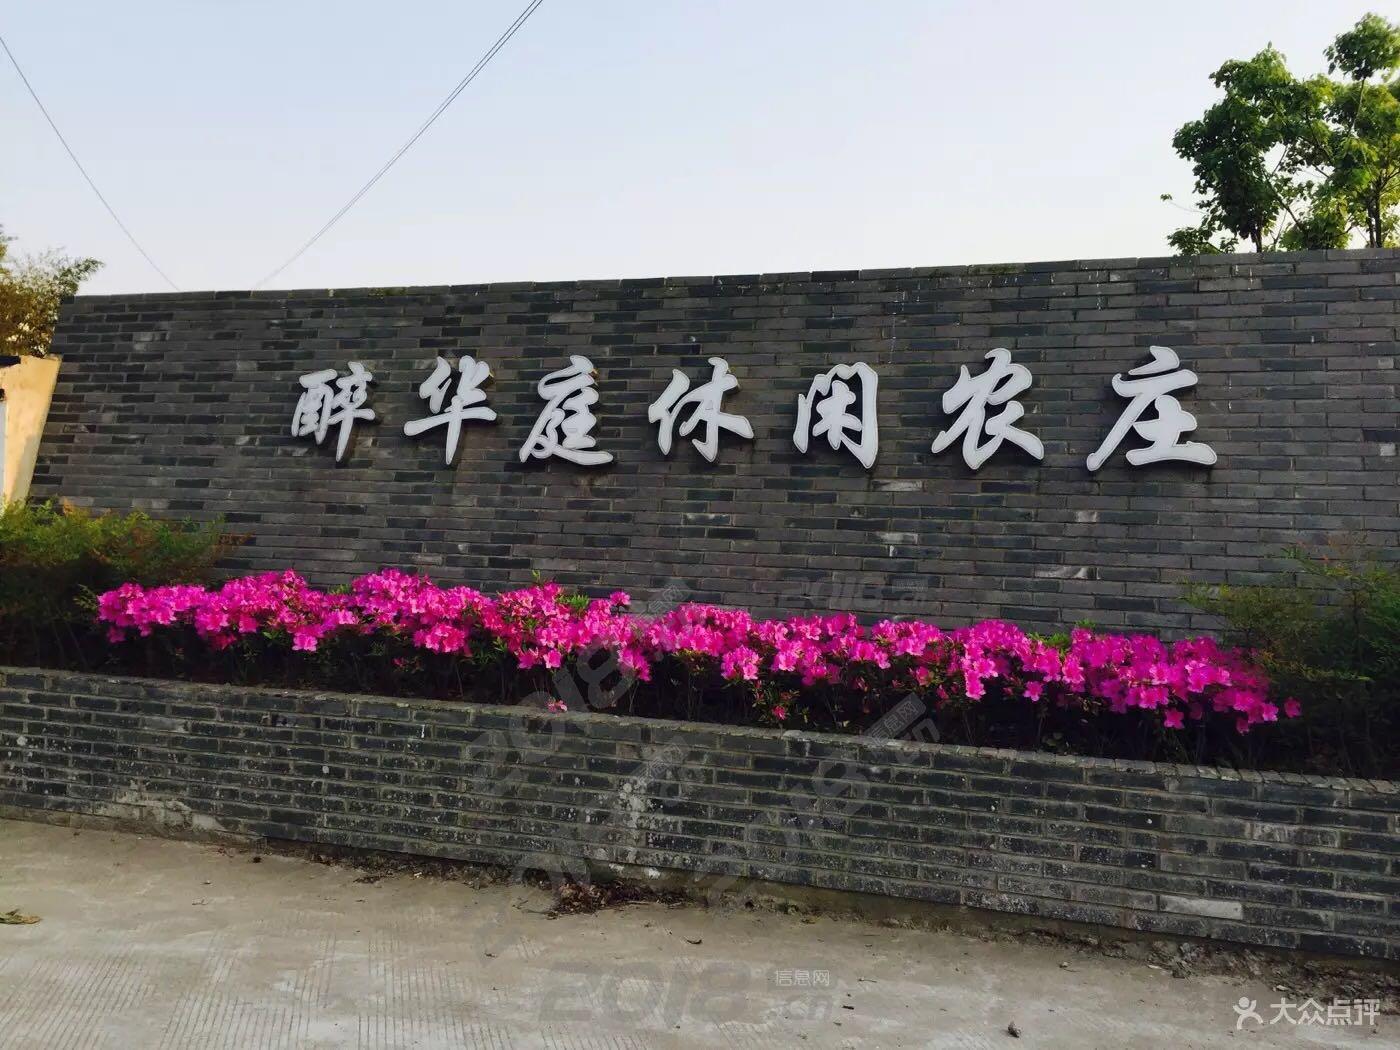 上海嘉定拓展训练基地拓展活动优惠大放送